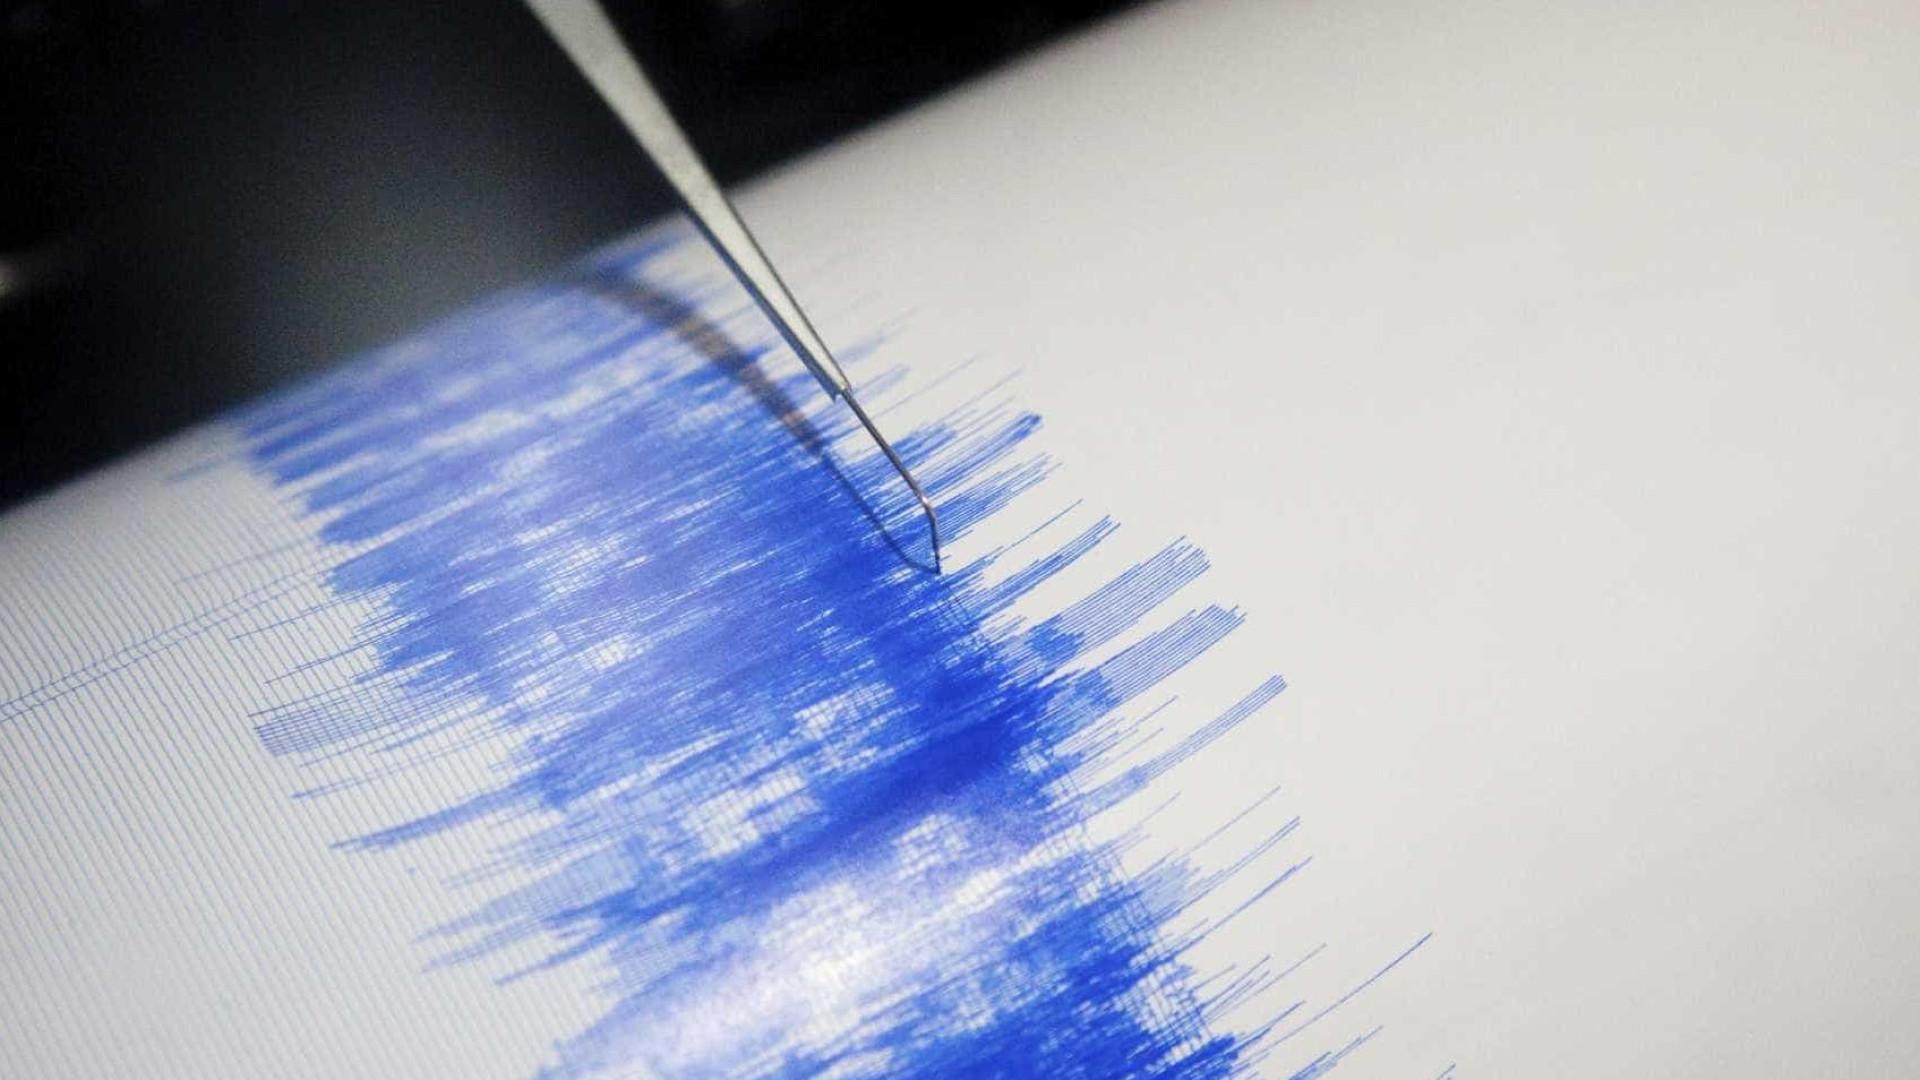 Coreia do Sul abalada por sismo de magnitude 5.4